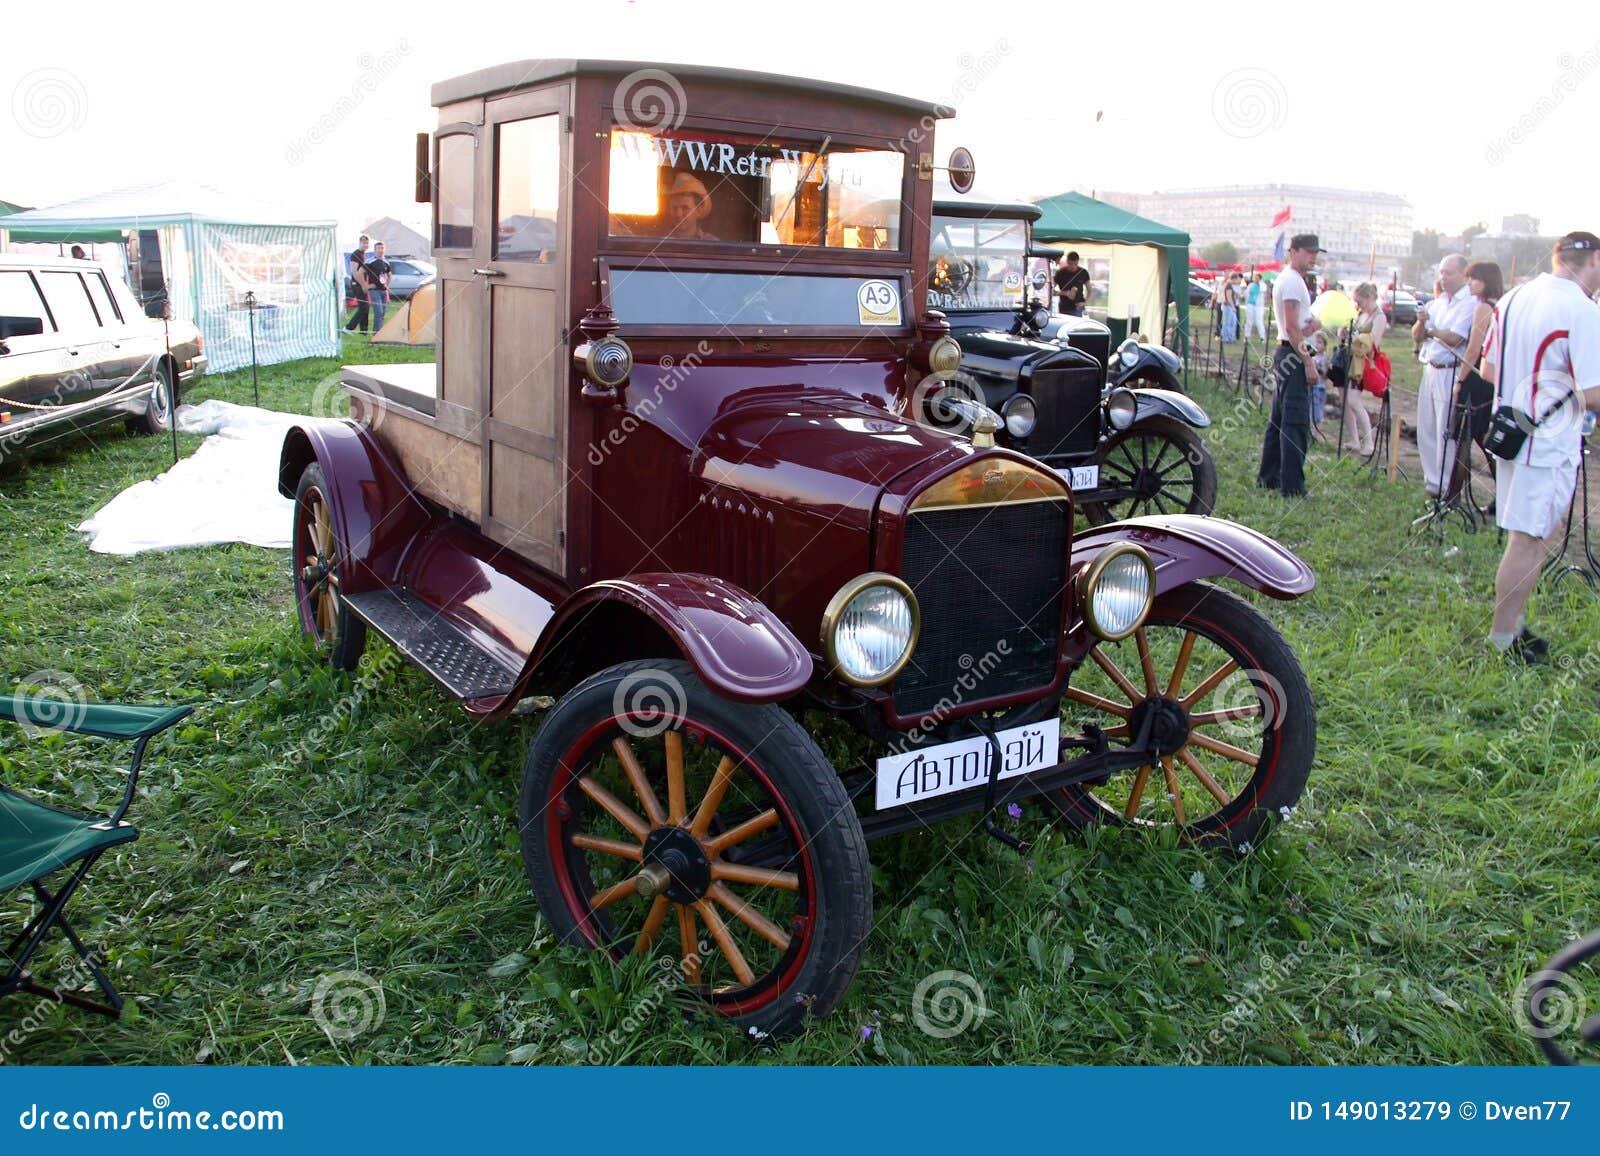 Mosca, Russia - 25 maggio 2019: Una retro automobile di legno molto vecchia Ford T è parcheggiata in un campo